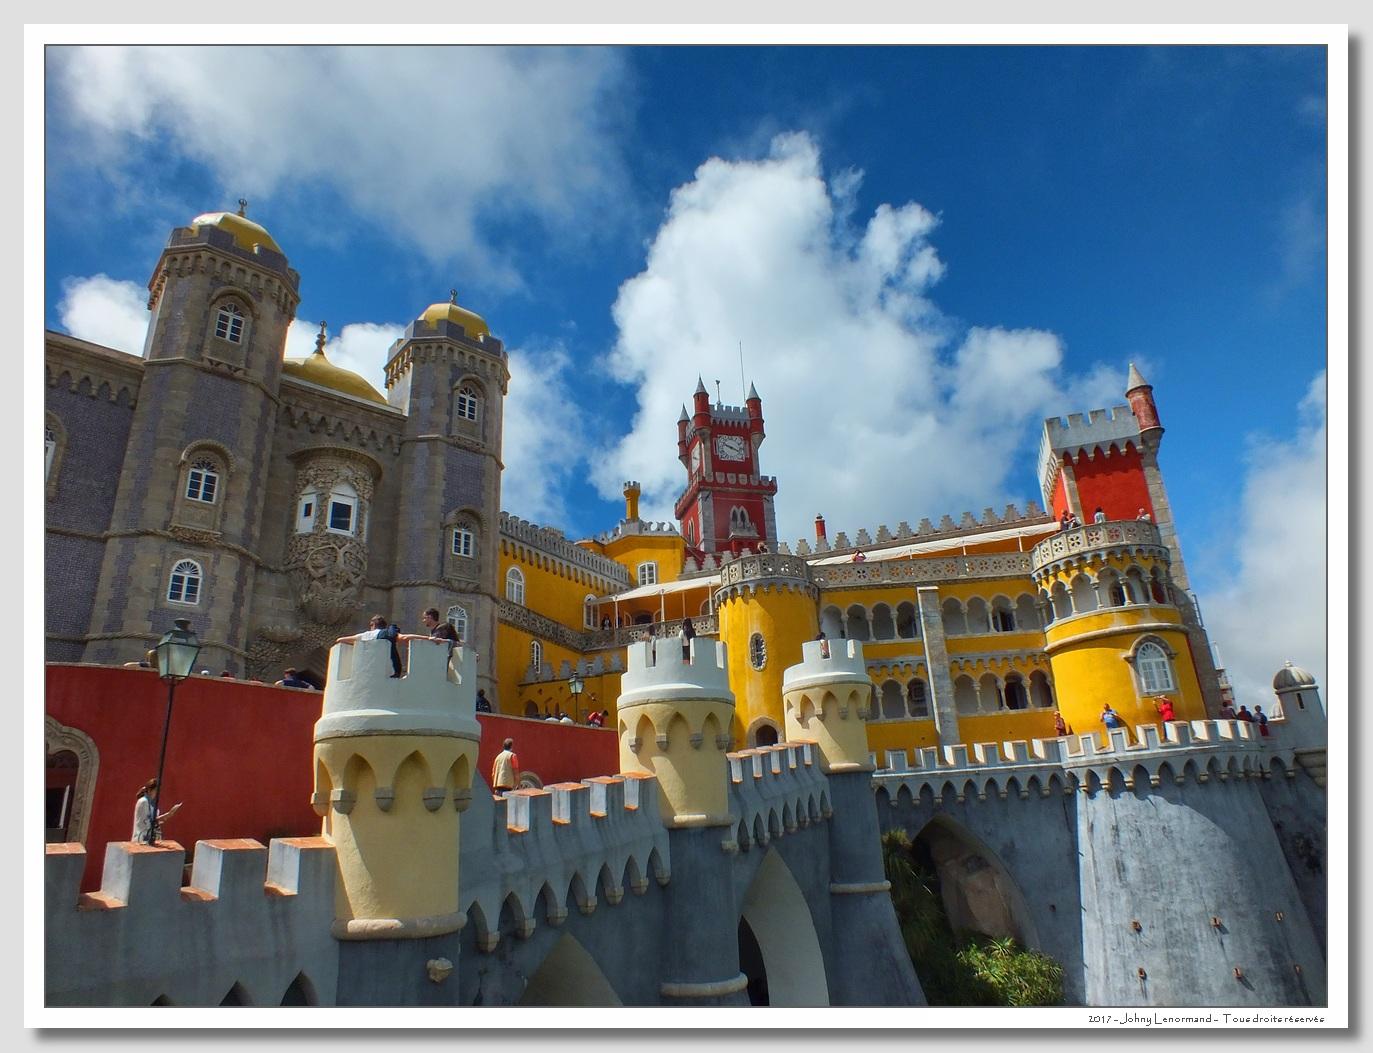 Voyage au Portugal: Sintra, Palacio Da Pena